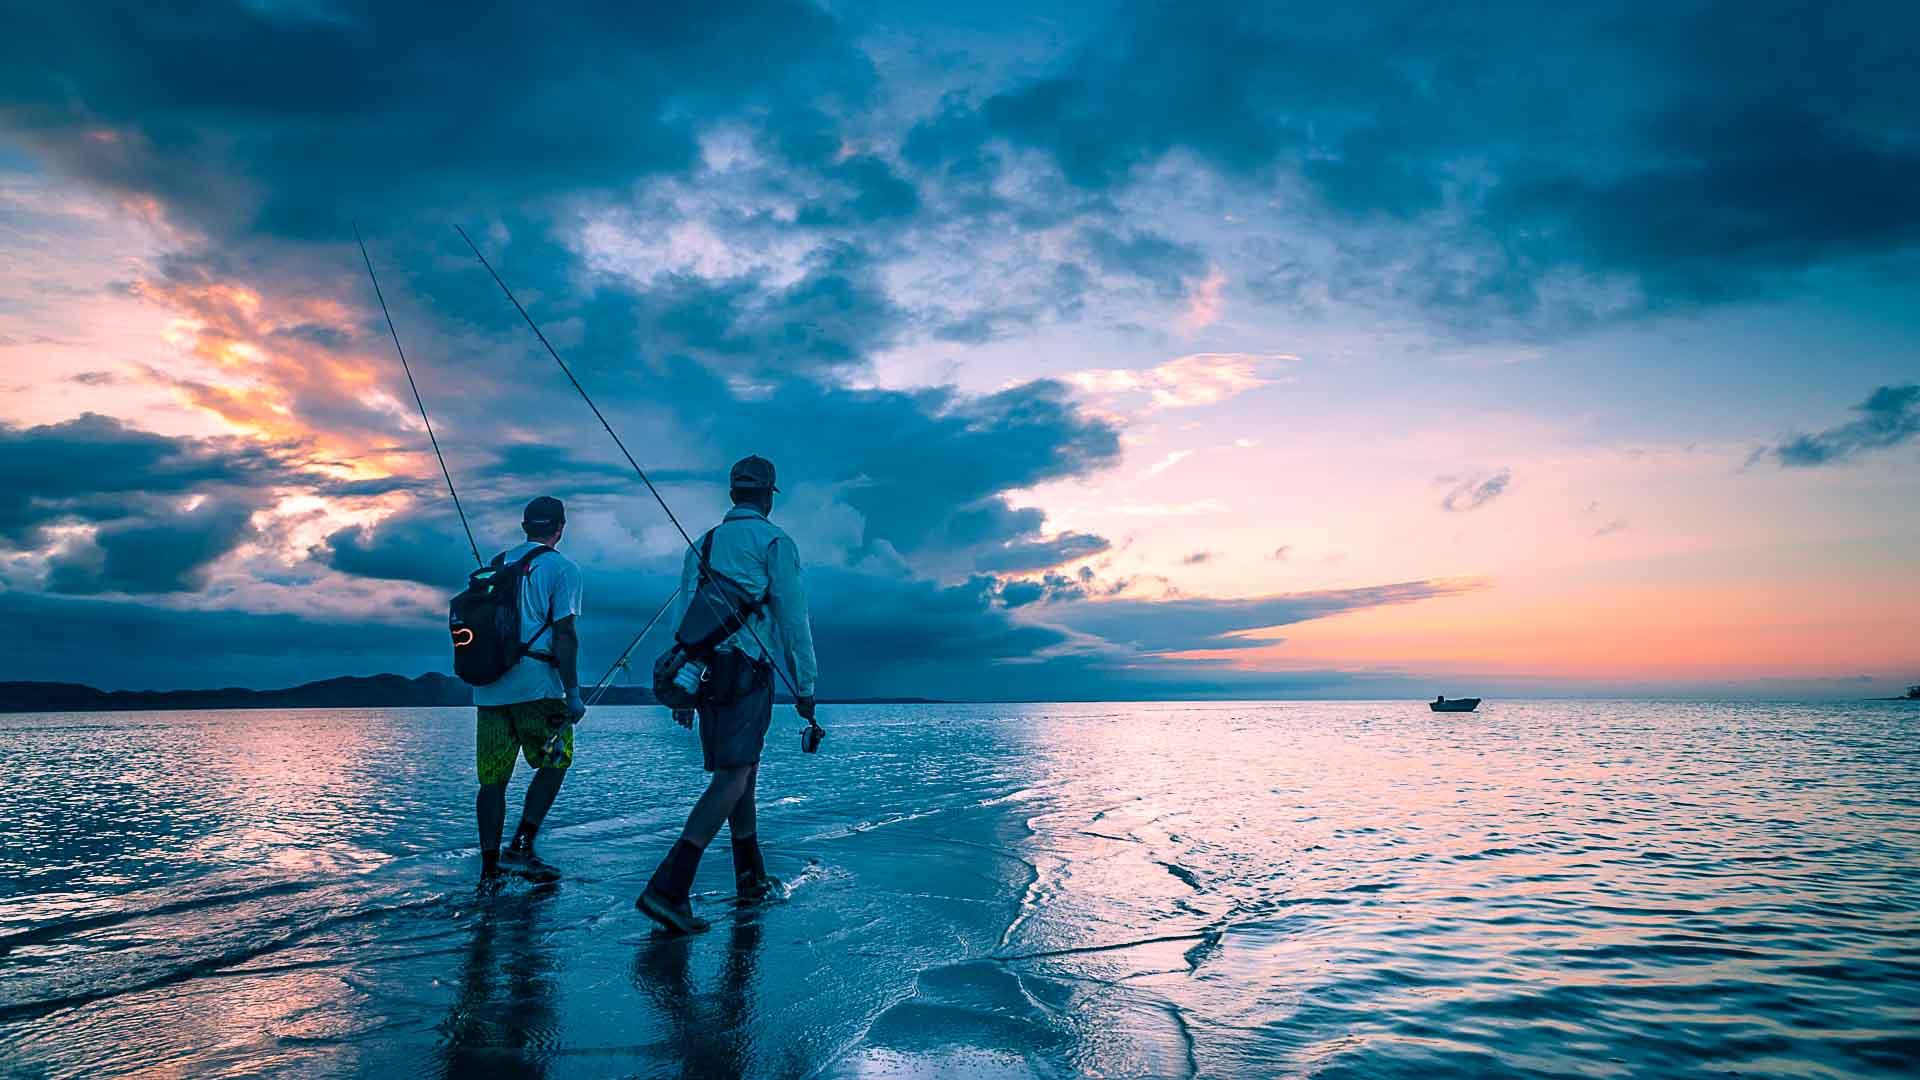 обои на рыбацкой тверь